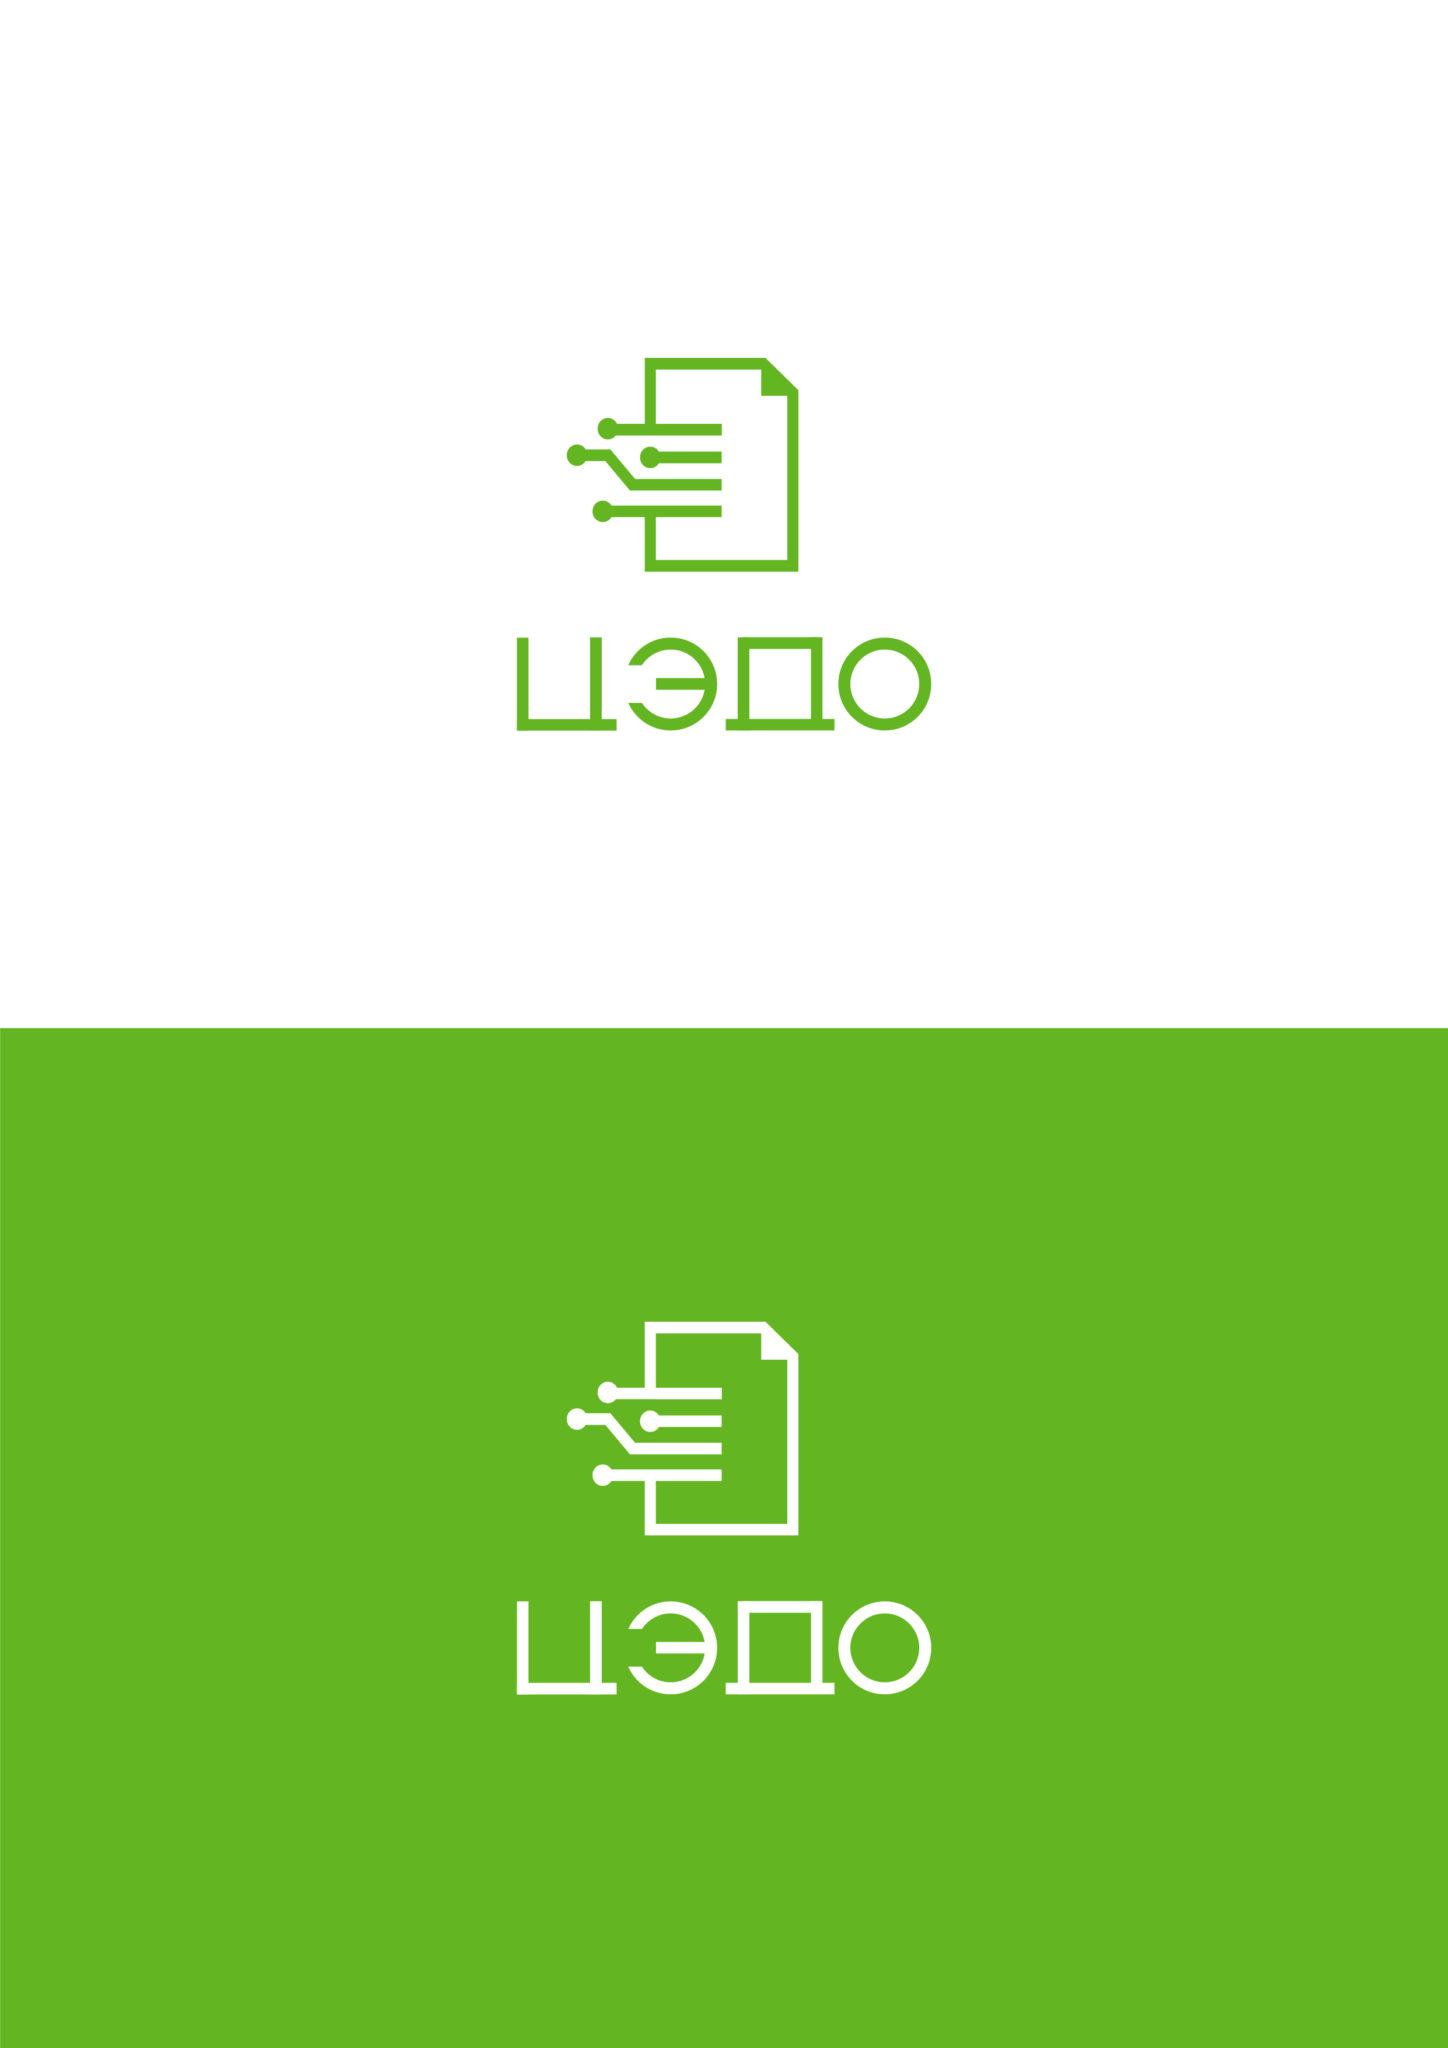 как придумать логотип компании